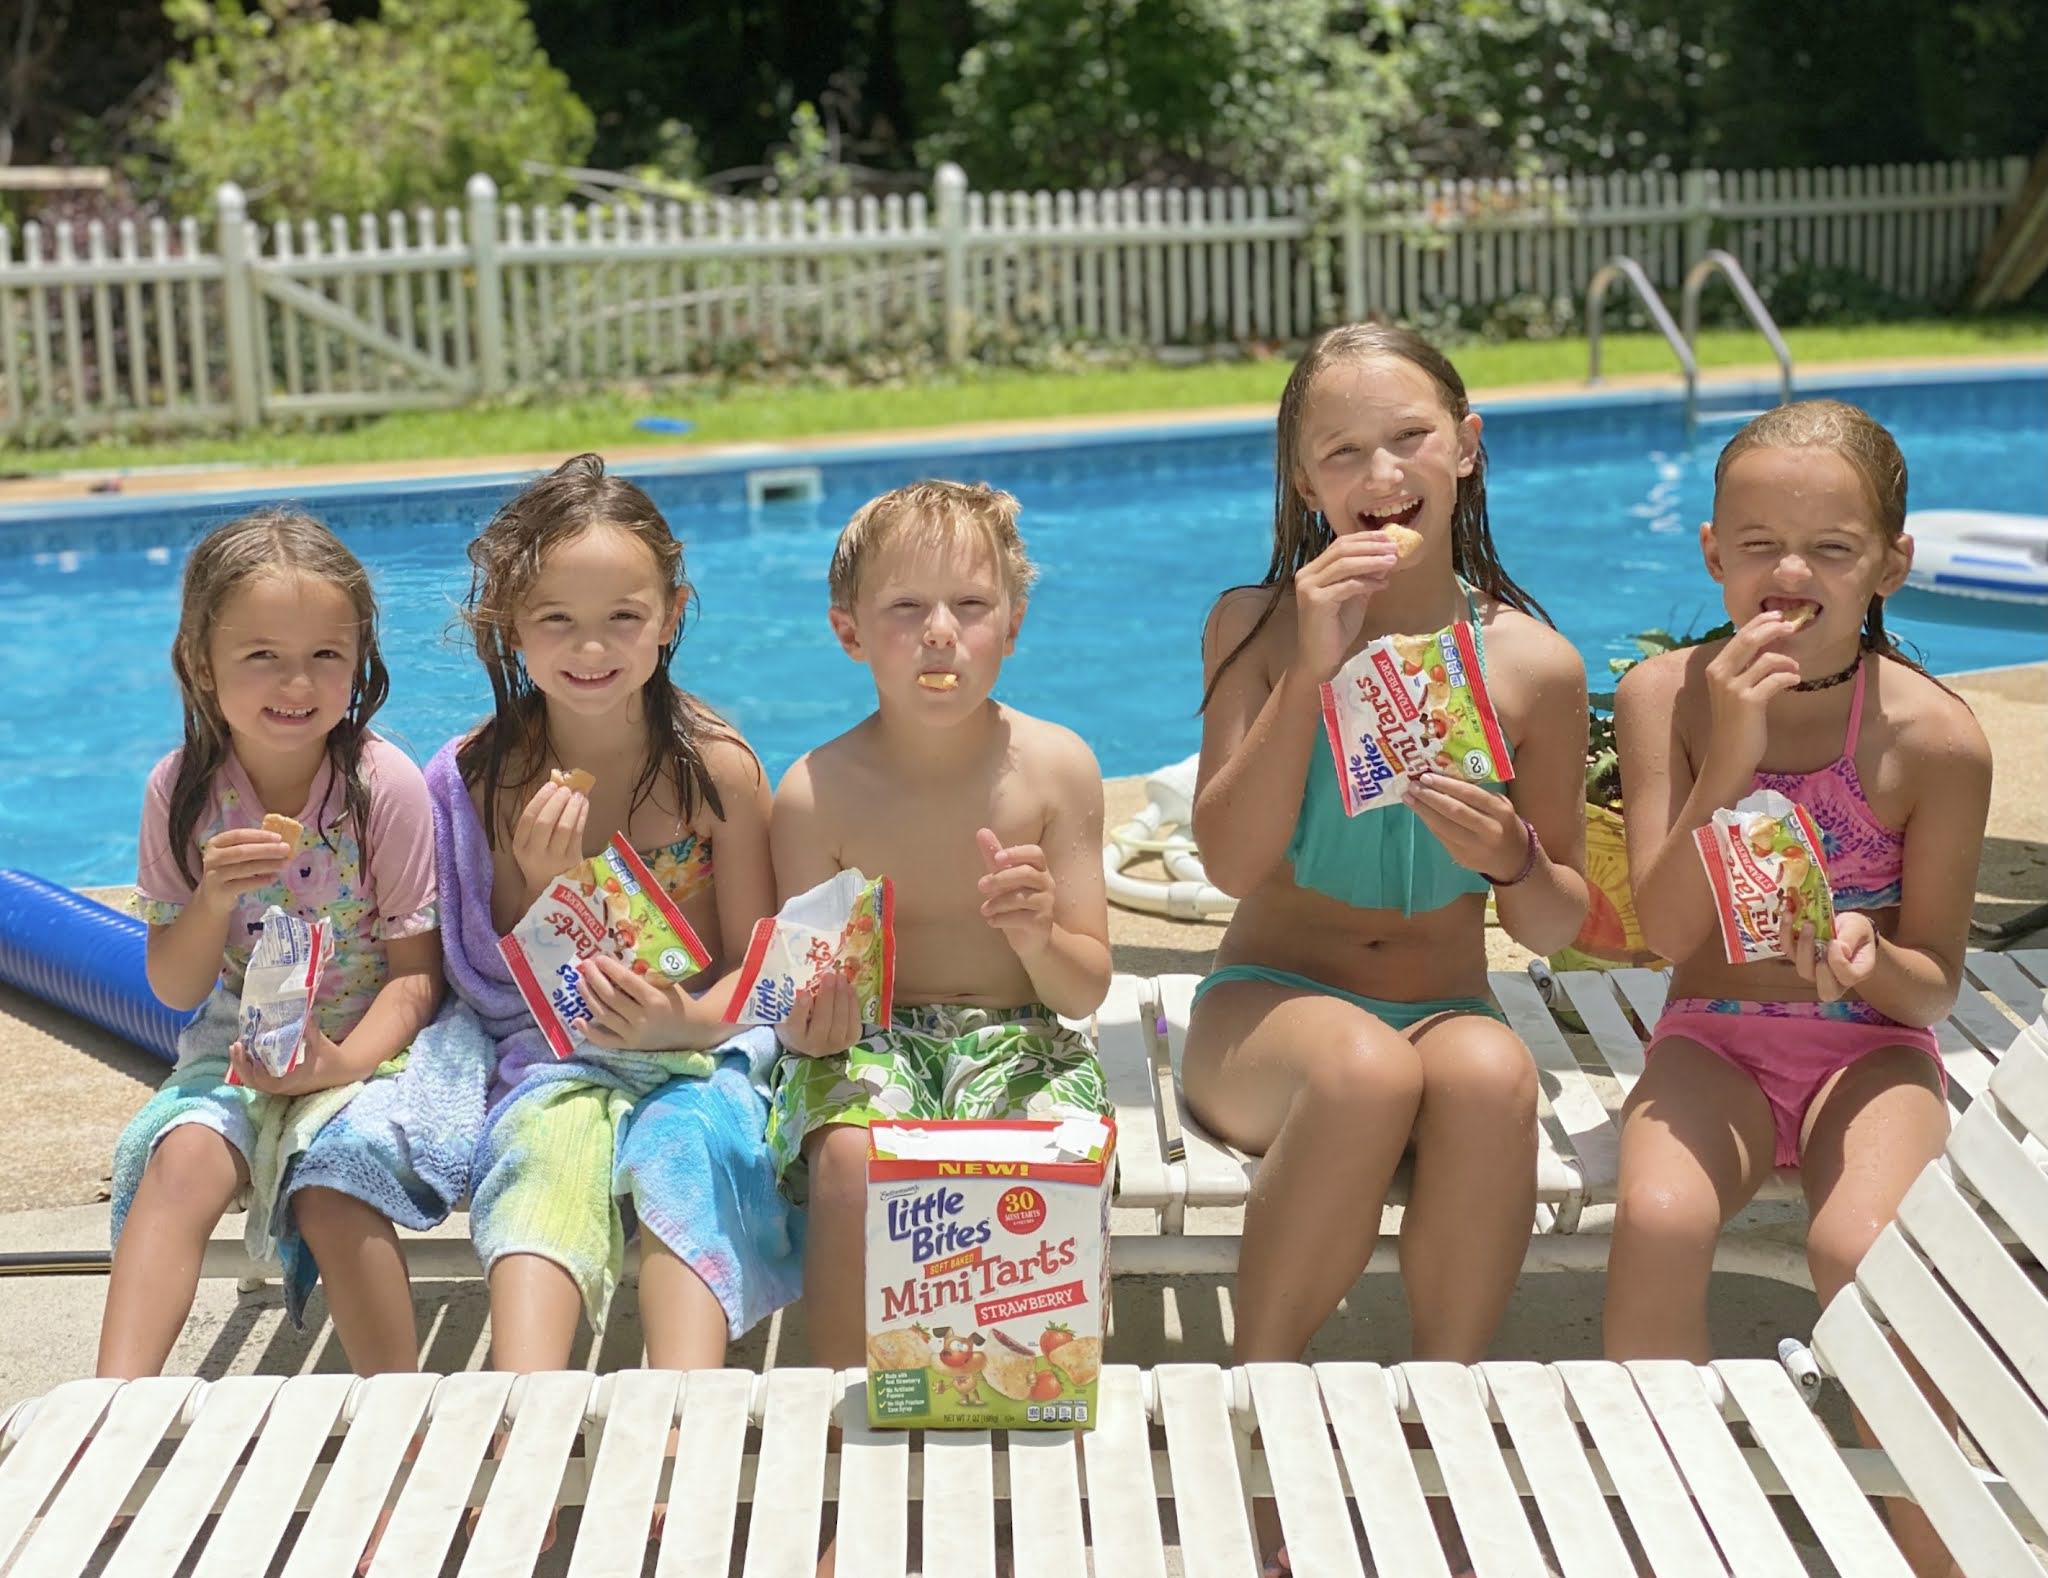 Summer Fun with Little Bites Mini Tarts